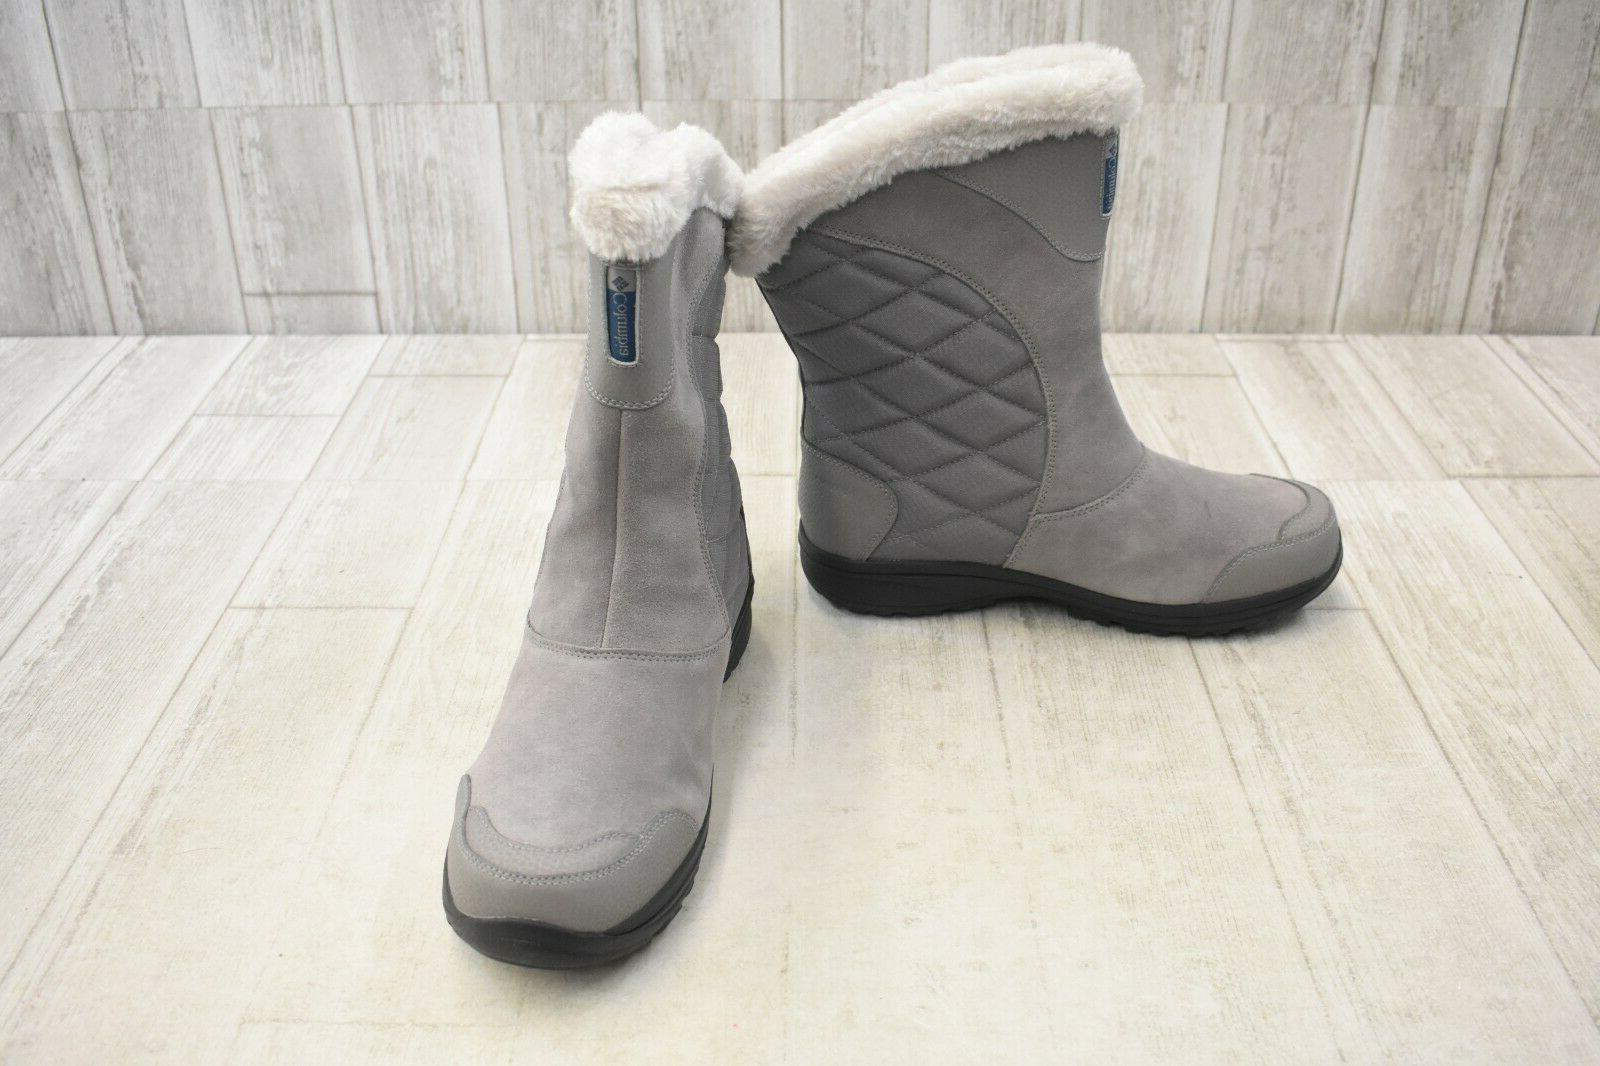 ice maiden ii slip on wp winter